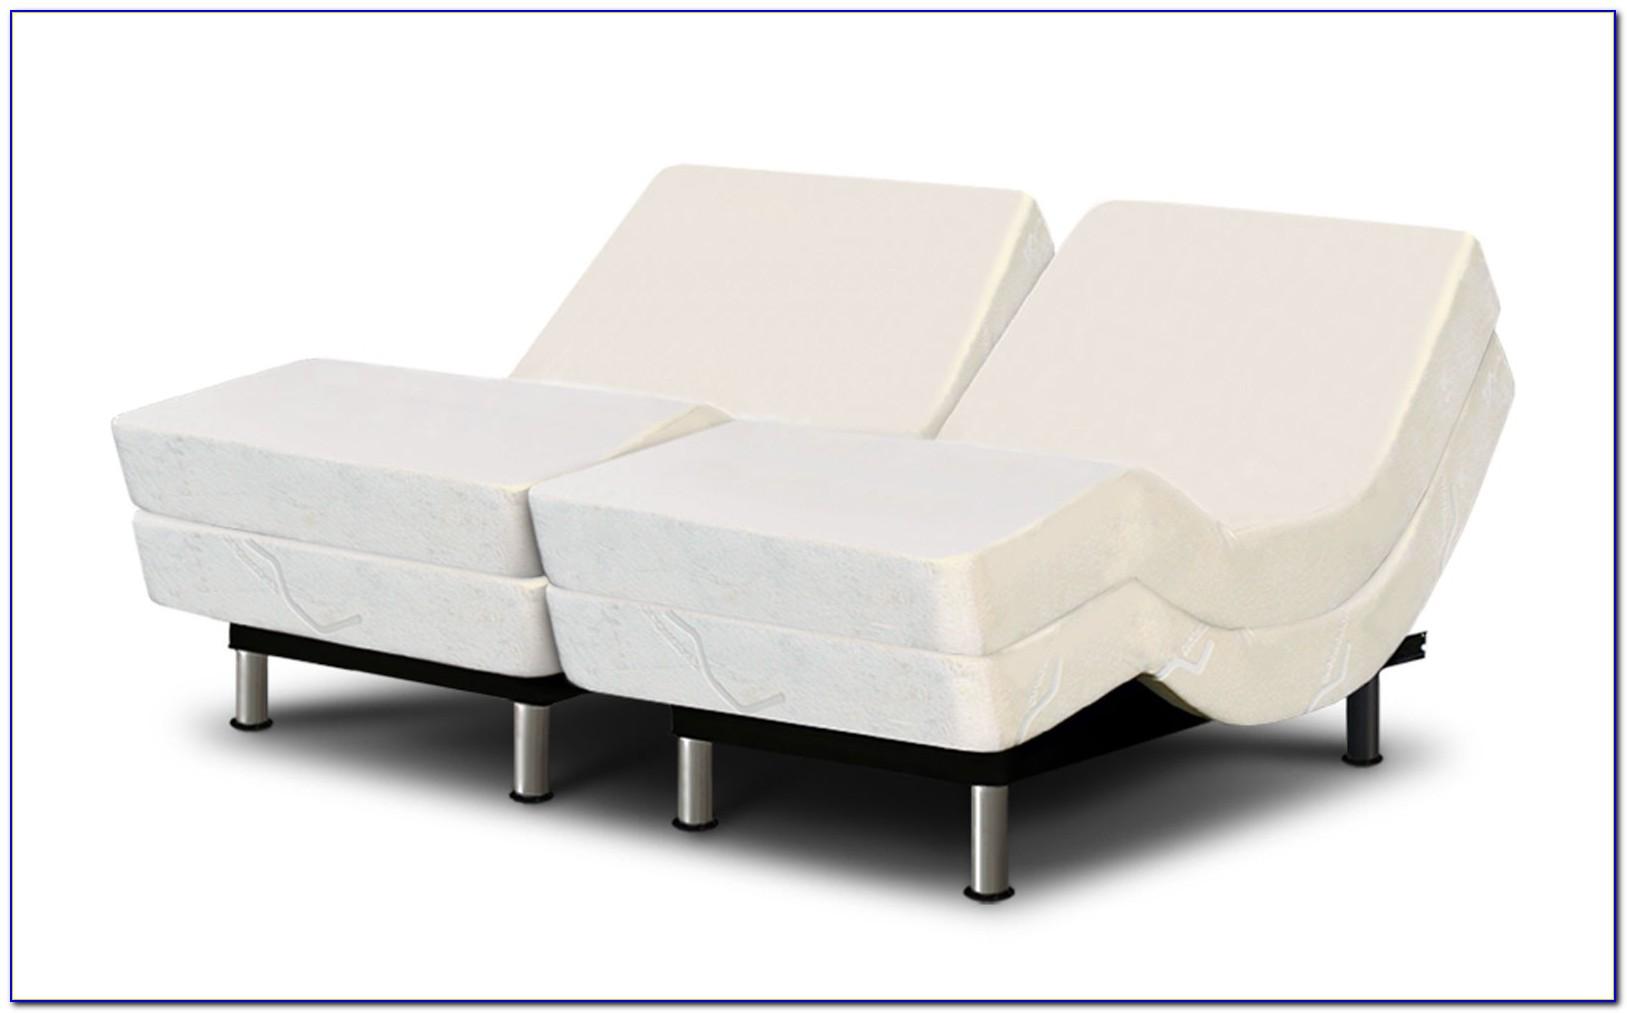 Split Queen Adjustable Bed Memory Foam Mattress